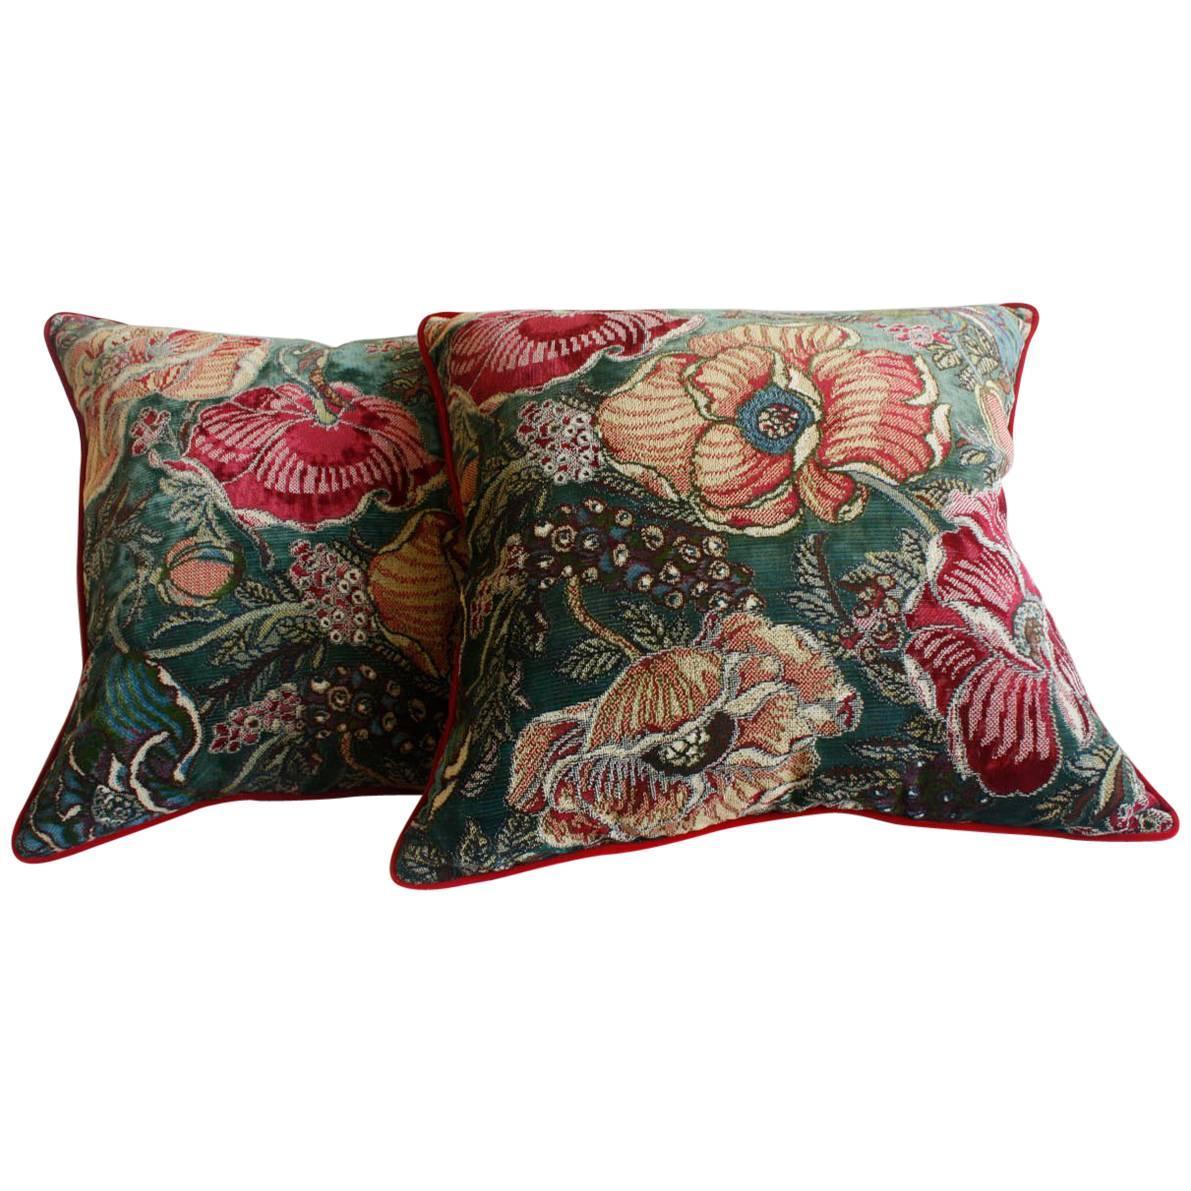 Pair of Botanical Throw Pillows